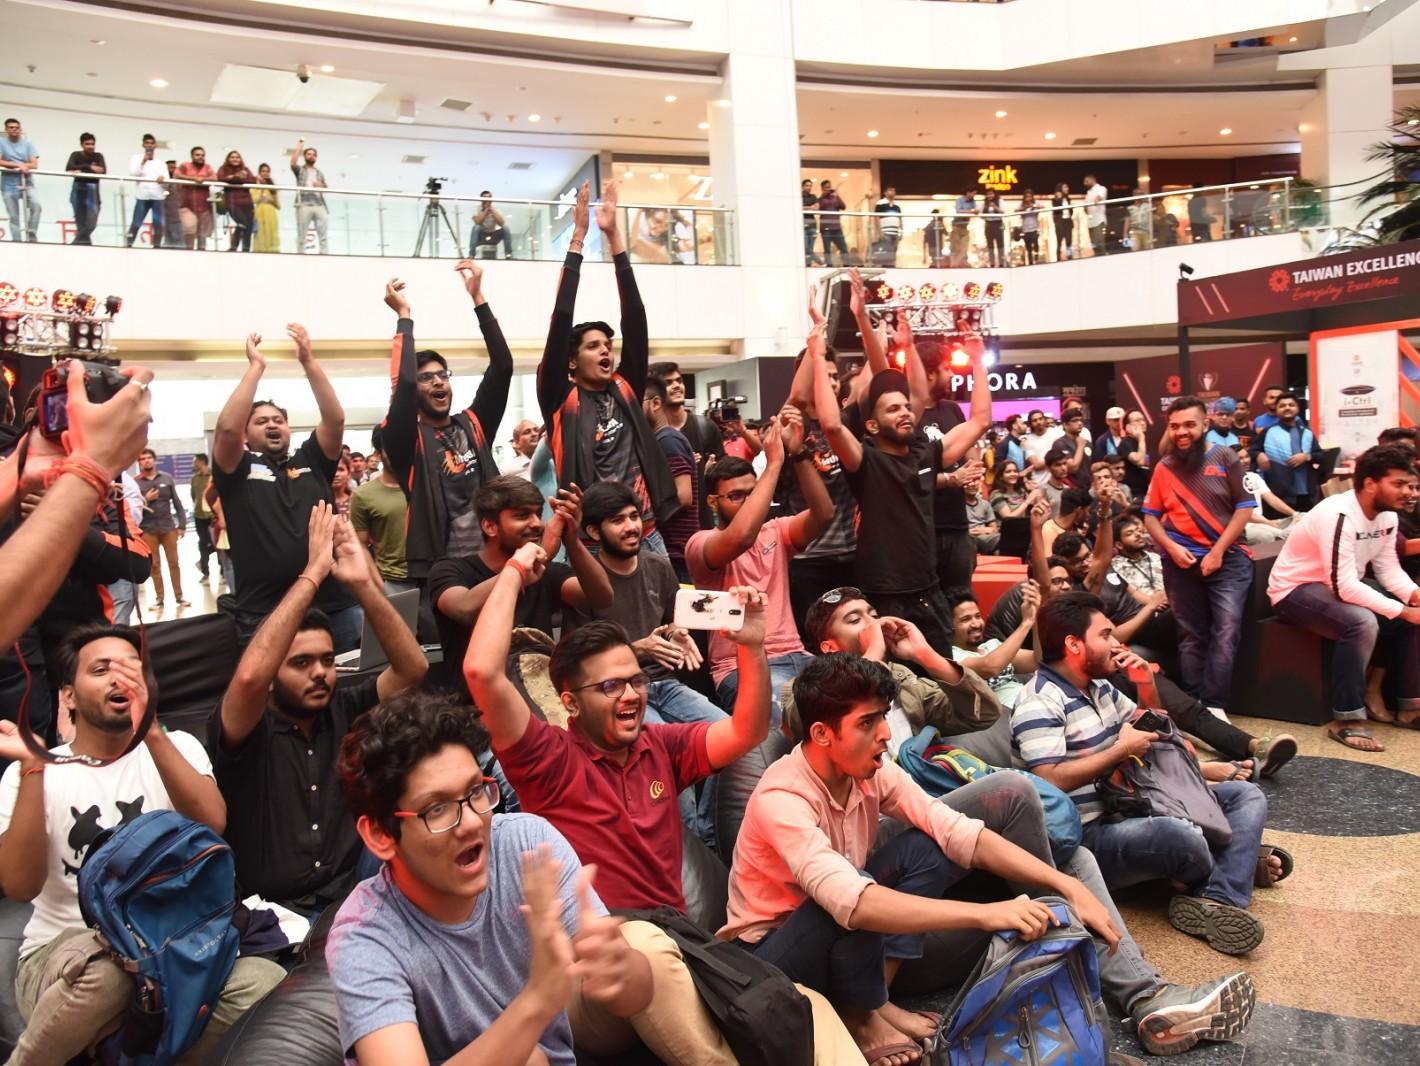 印度台灣精品盃電競賽決賽於孟買舉行,現場民眾為支持隊伍歡呼。